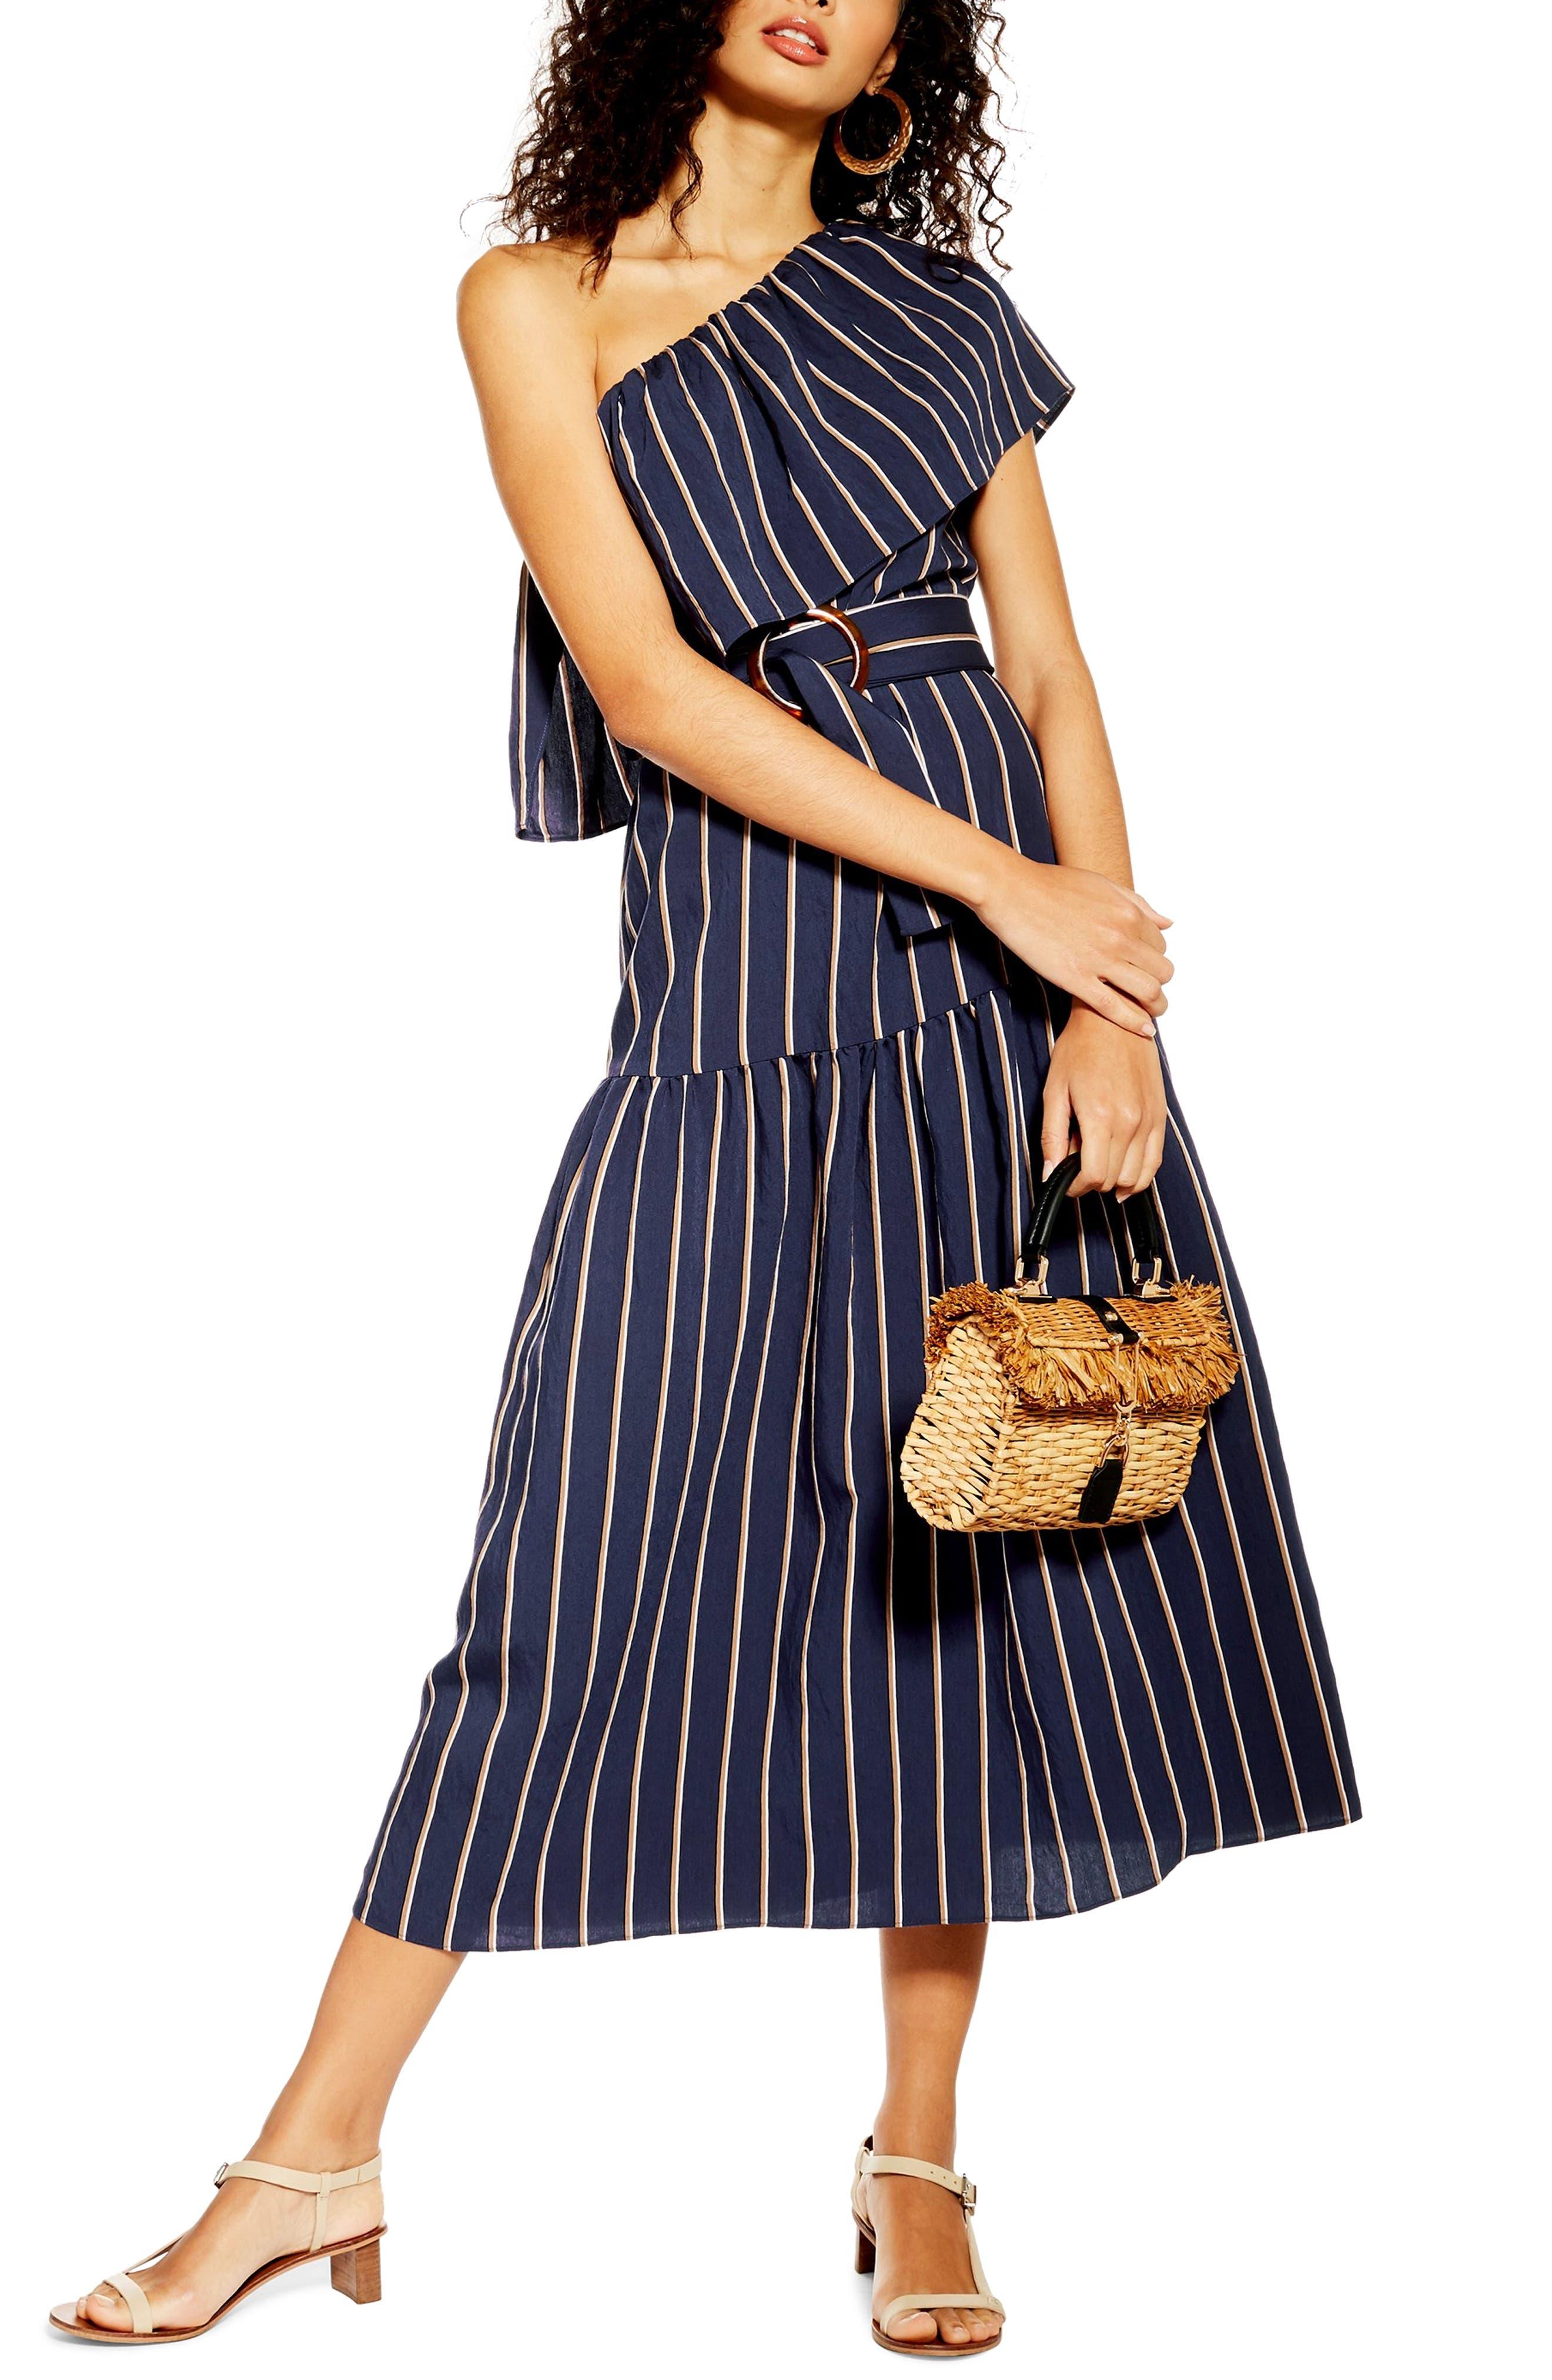 Topshop Sicily One-Shoulder Midi Dress, US (fits like 10-12) - Blue